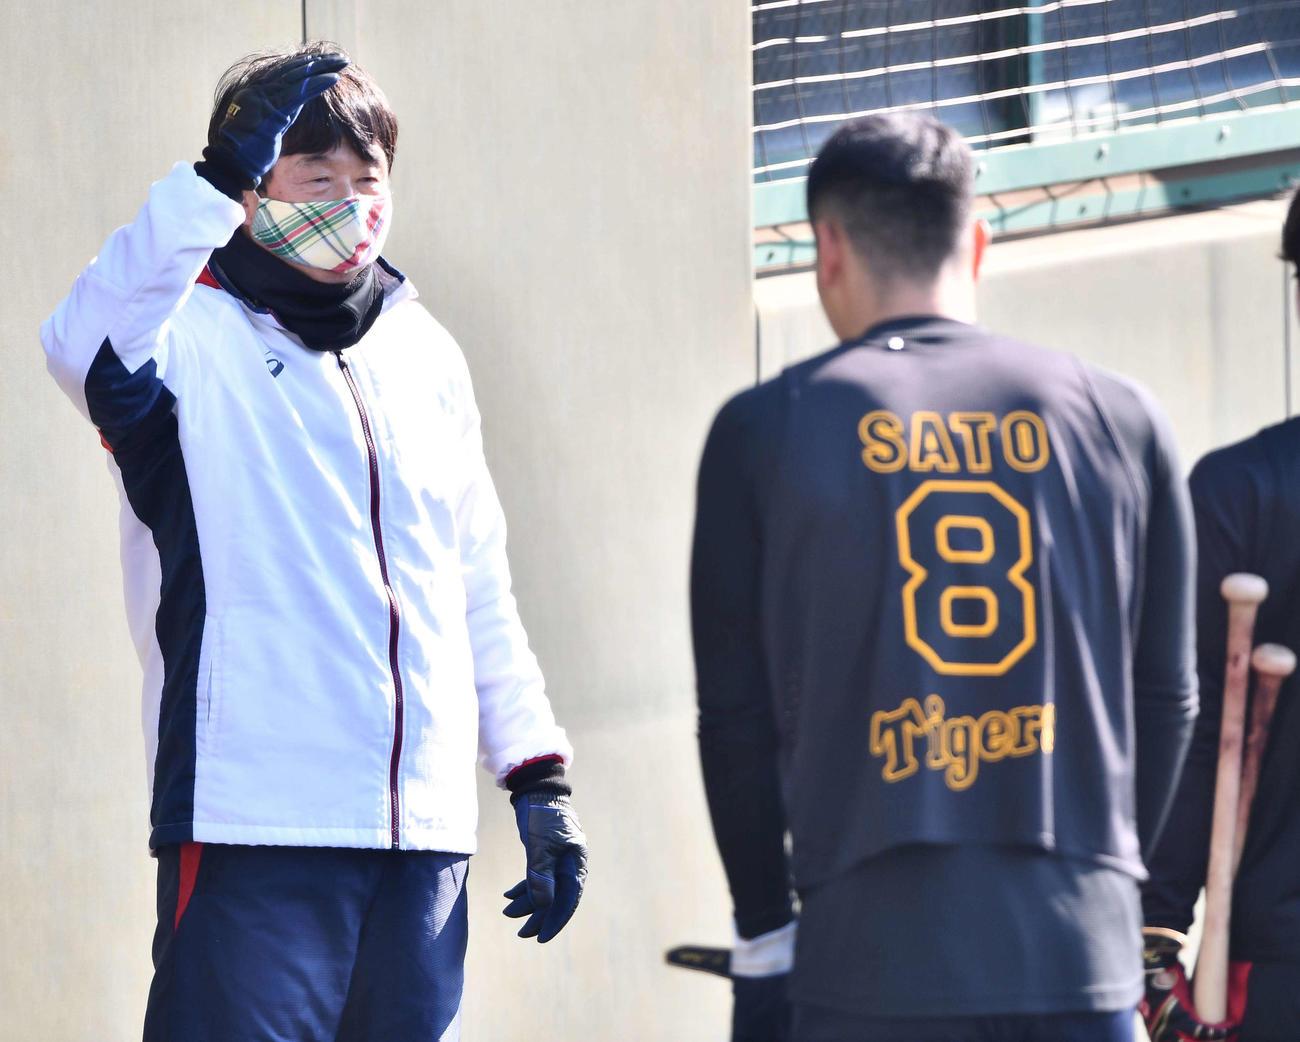 佐藤輝のあいさつに手を上げて応える平田2軍監督(代表撮影)